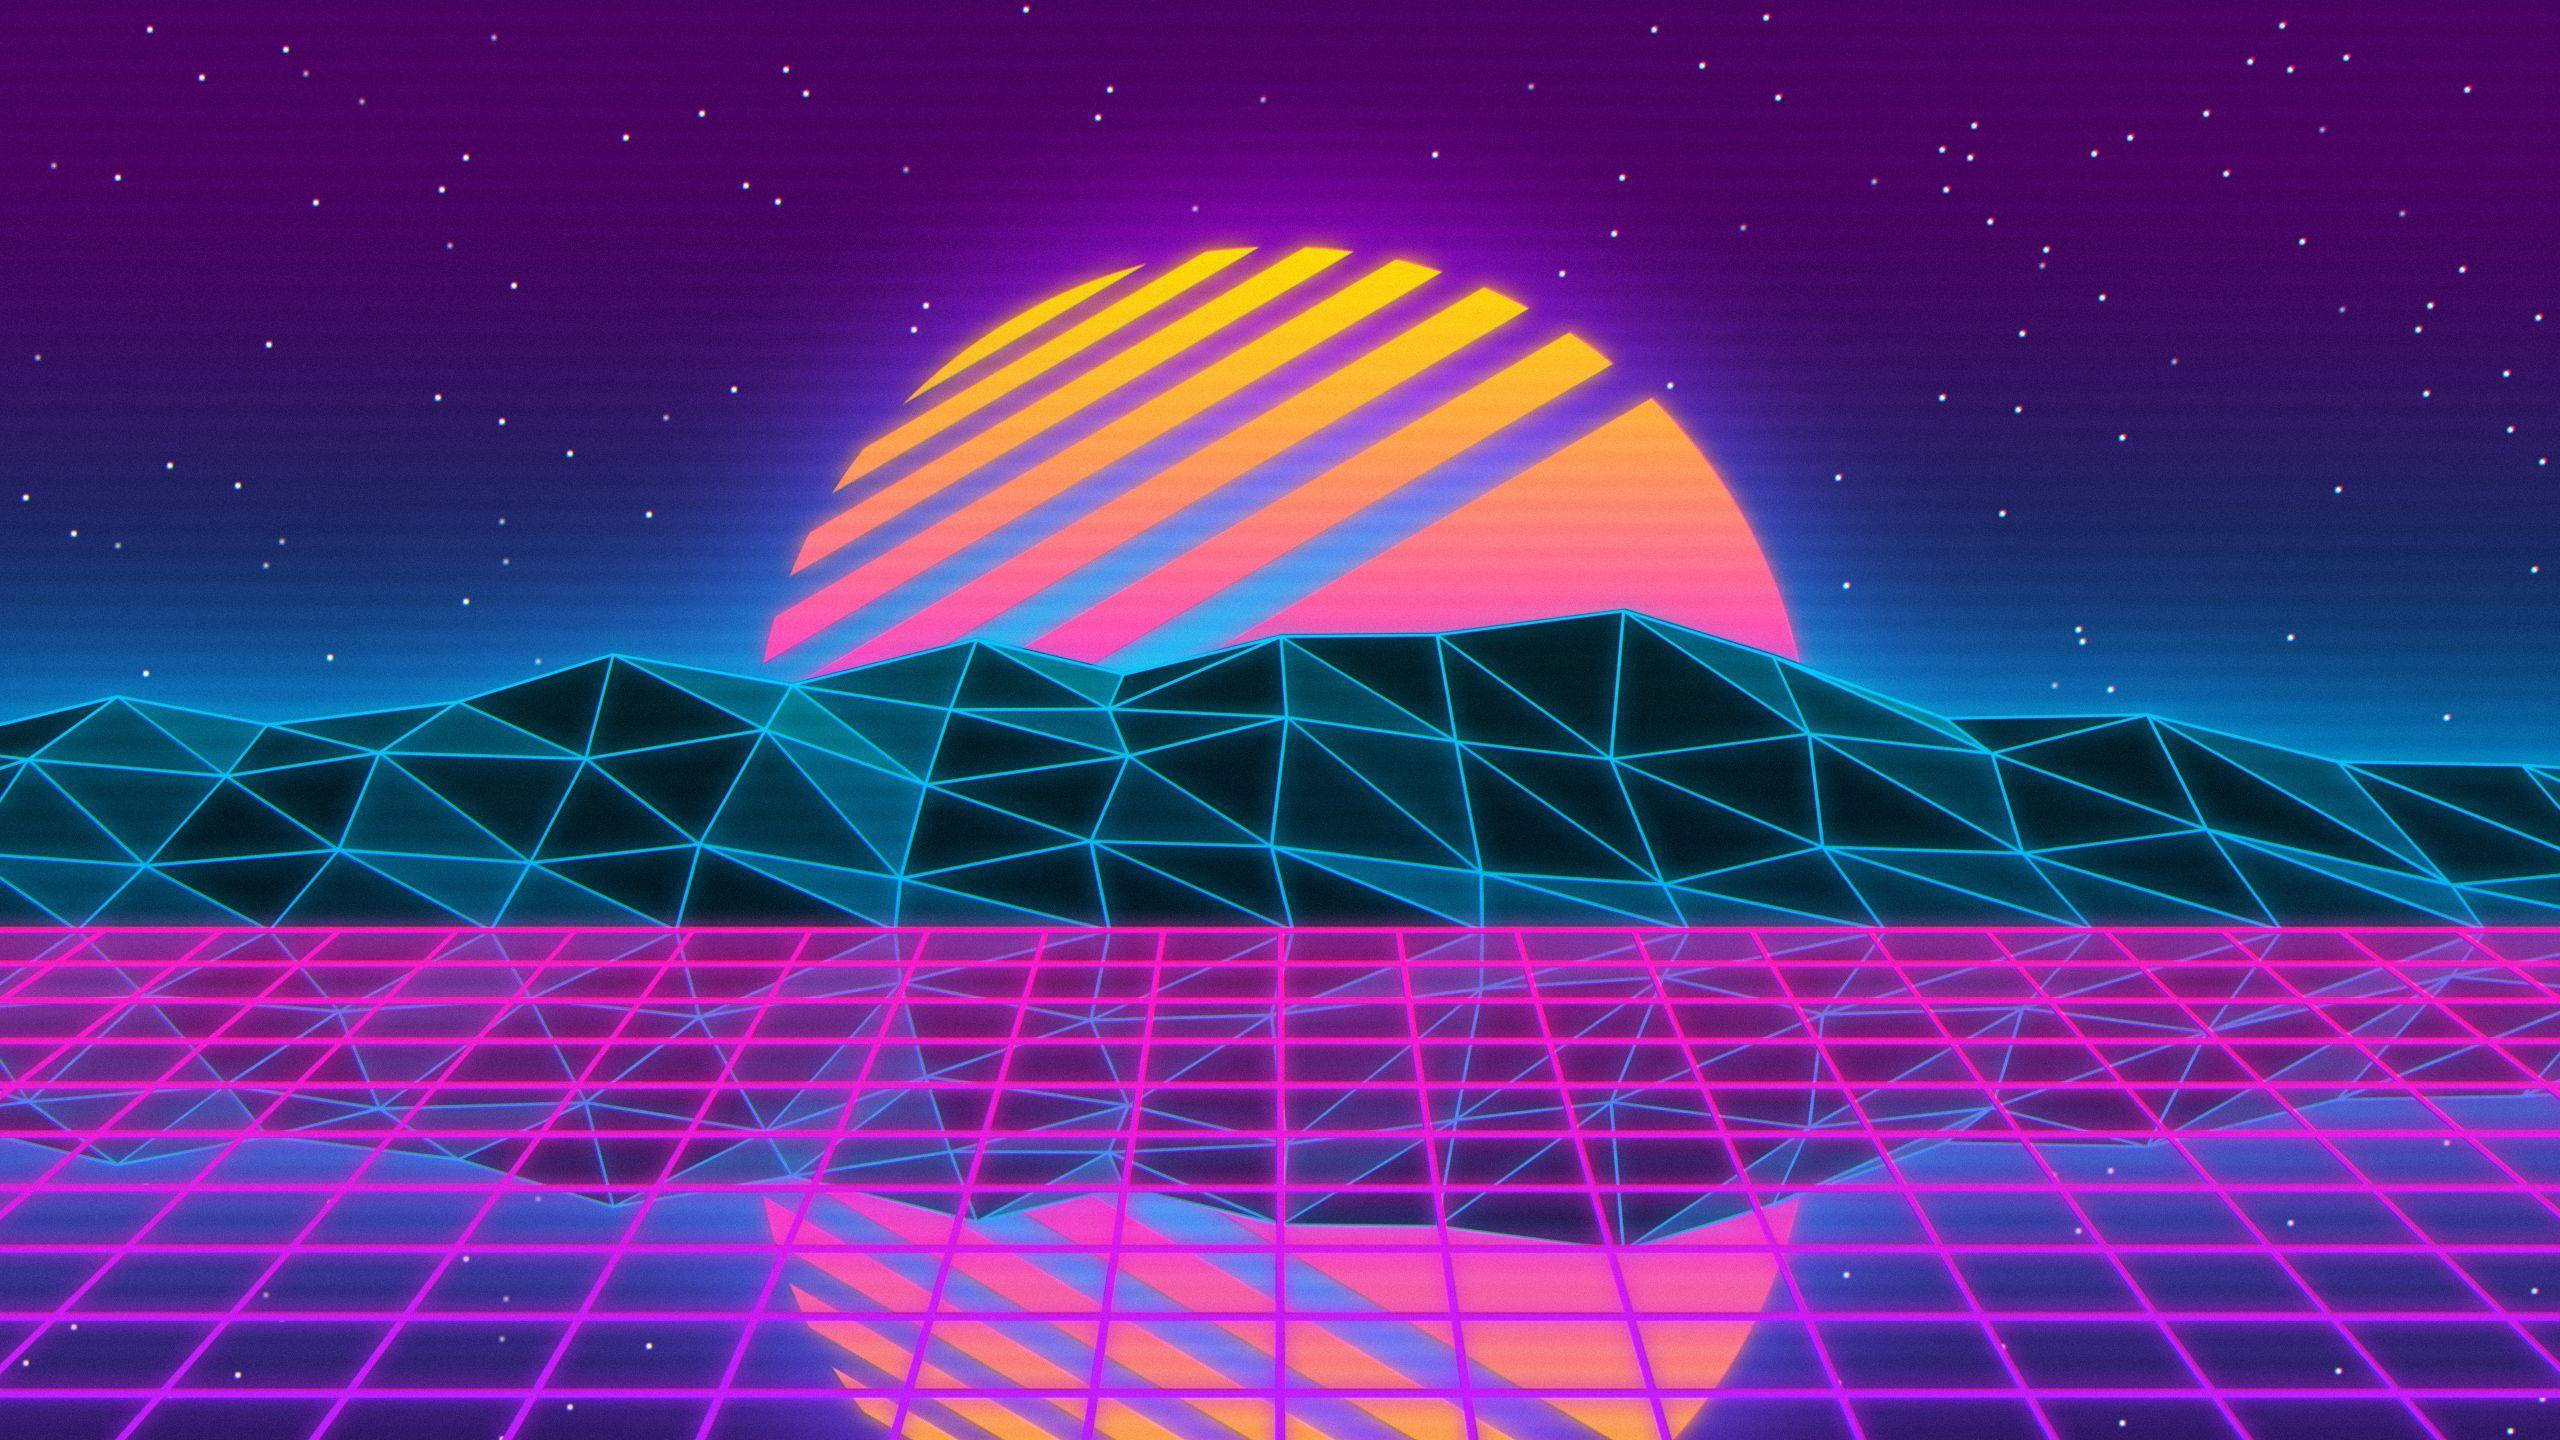 30+ Vaporwave Sunset Wallpaper 4K Pictures